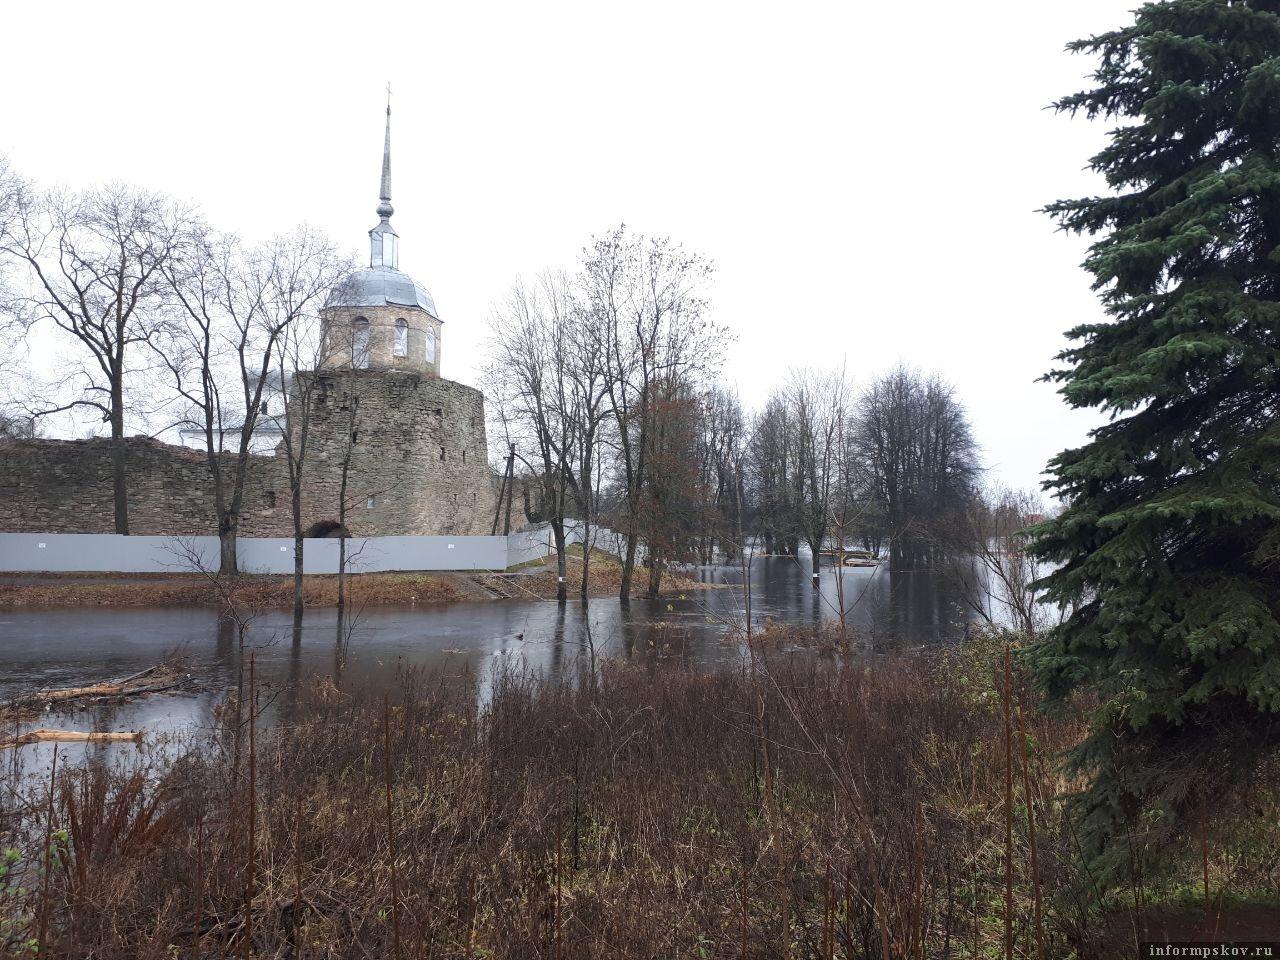 Последствия повышения уровня воды в реке Шелонь в Порхове.